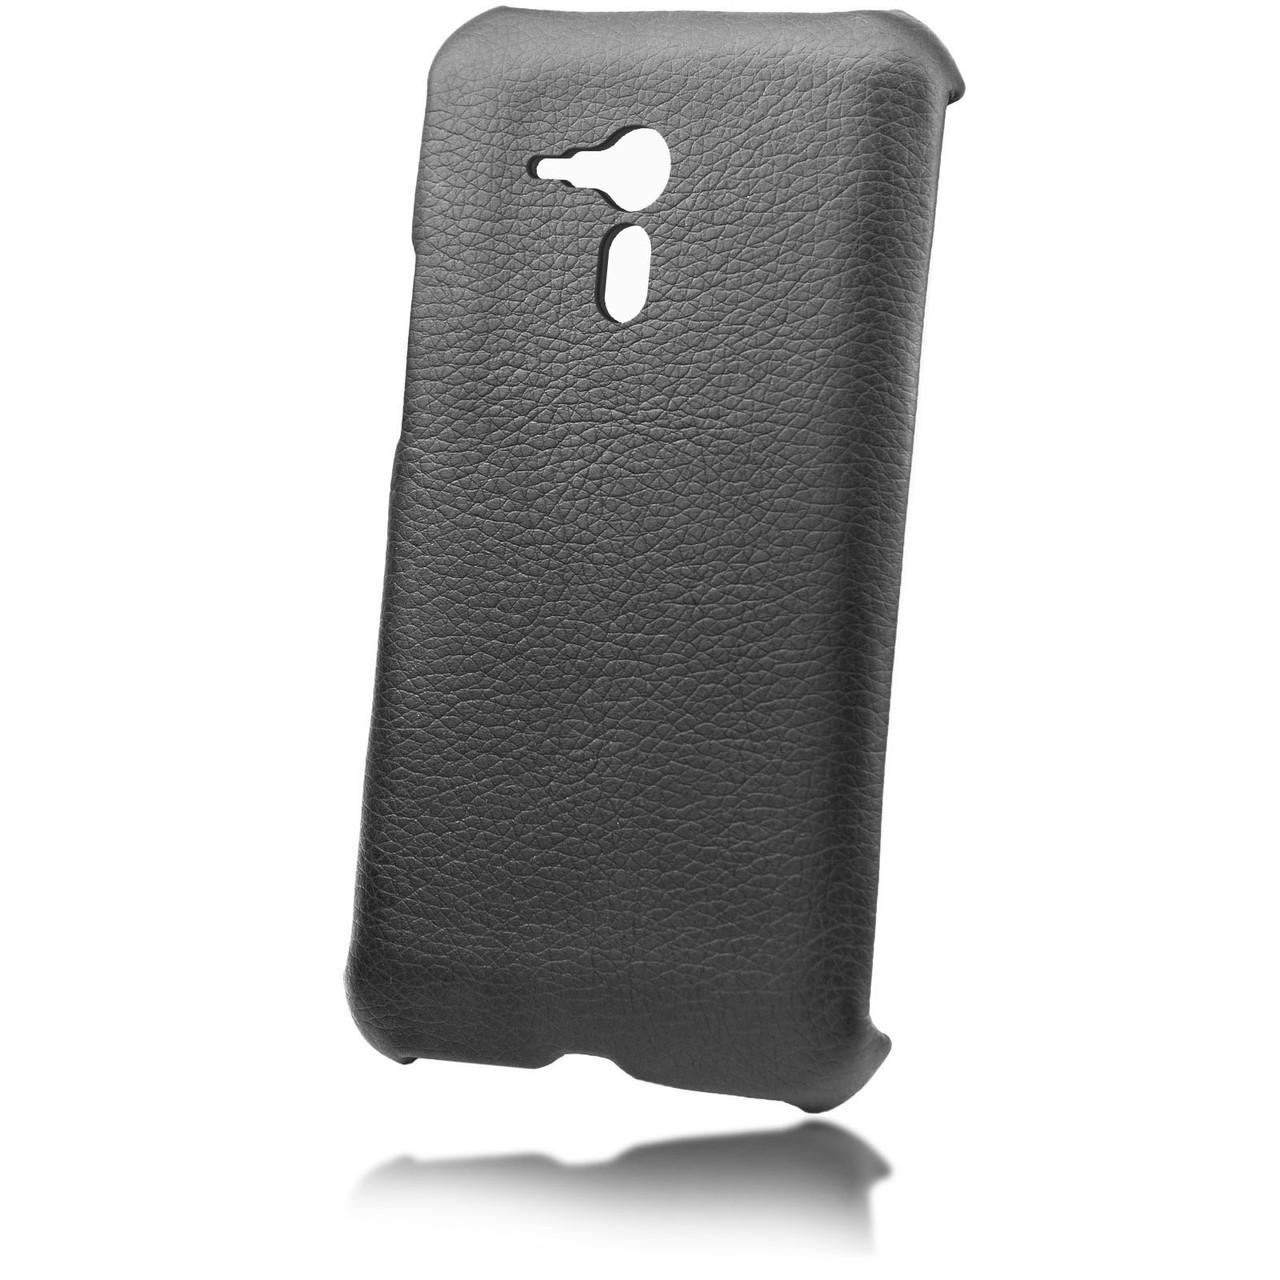 Чехол-бампер Acer E700